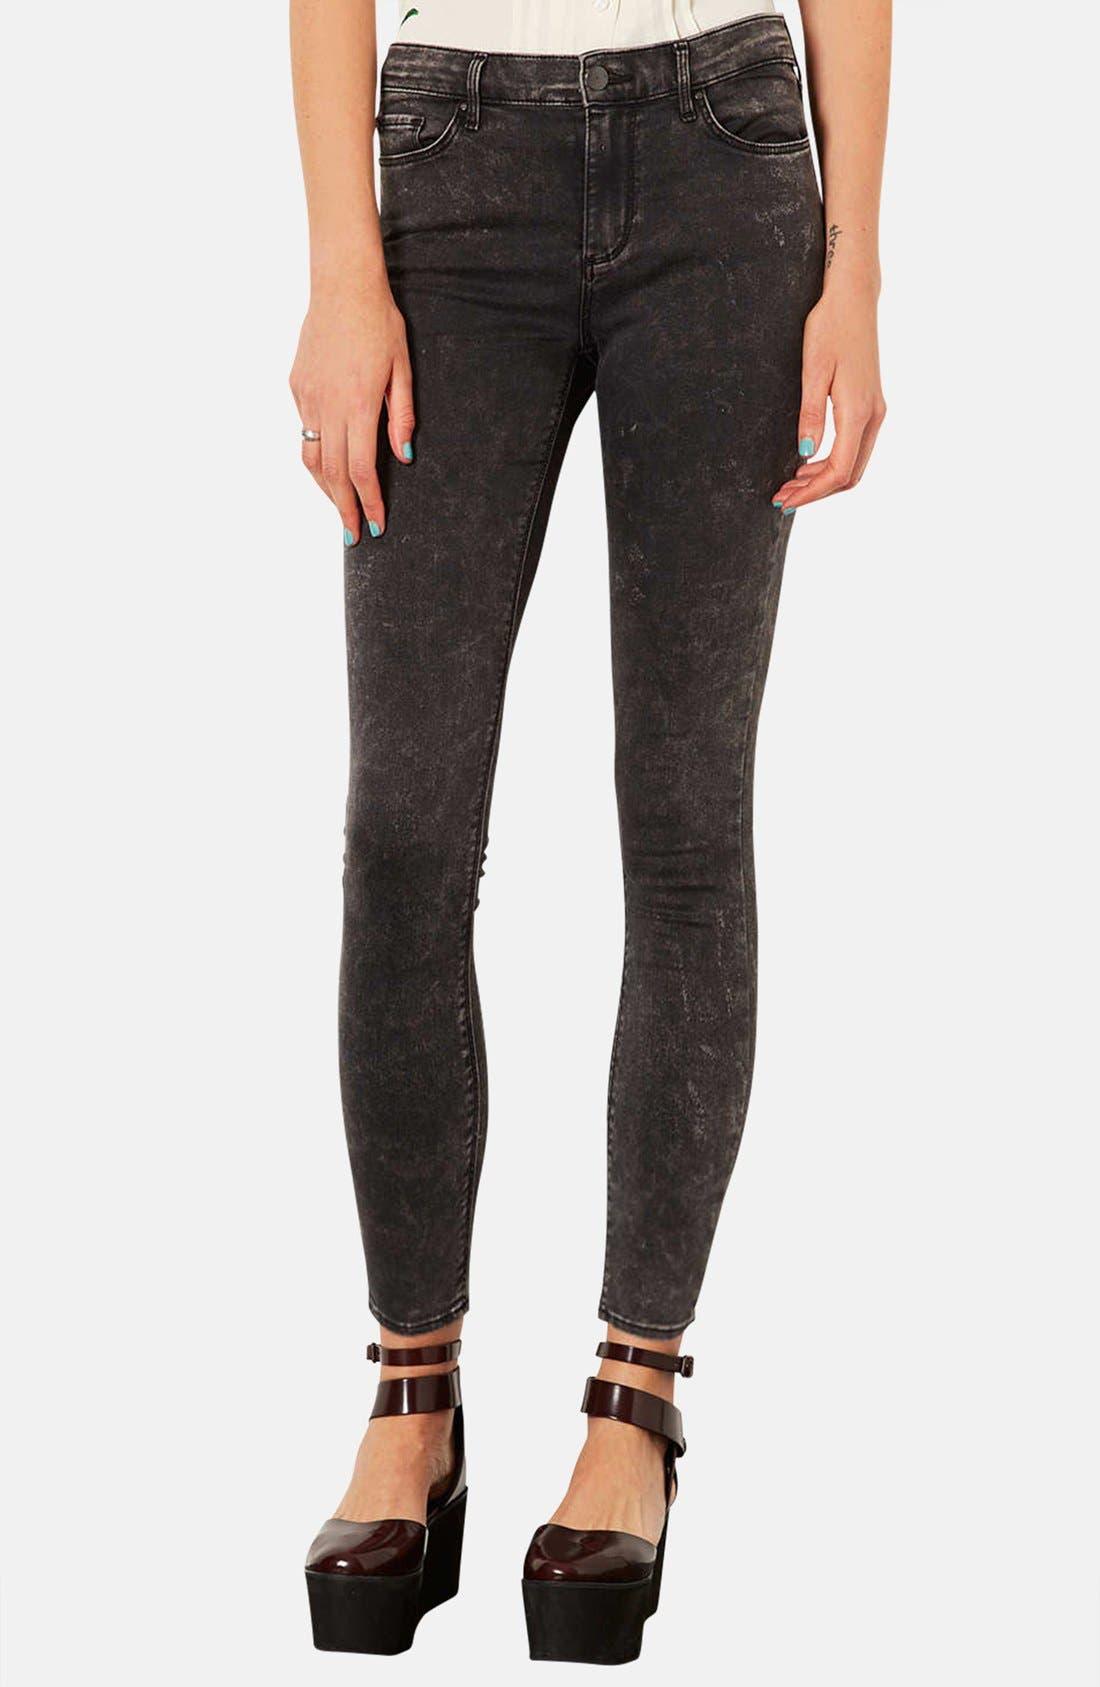 Alternate Image 1 Selected - Topshop Moto 'Leigh' Mottled Skinny Jeans (Regular & Short)